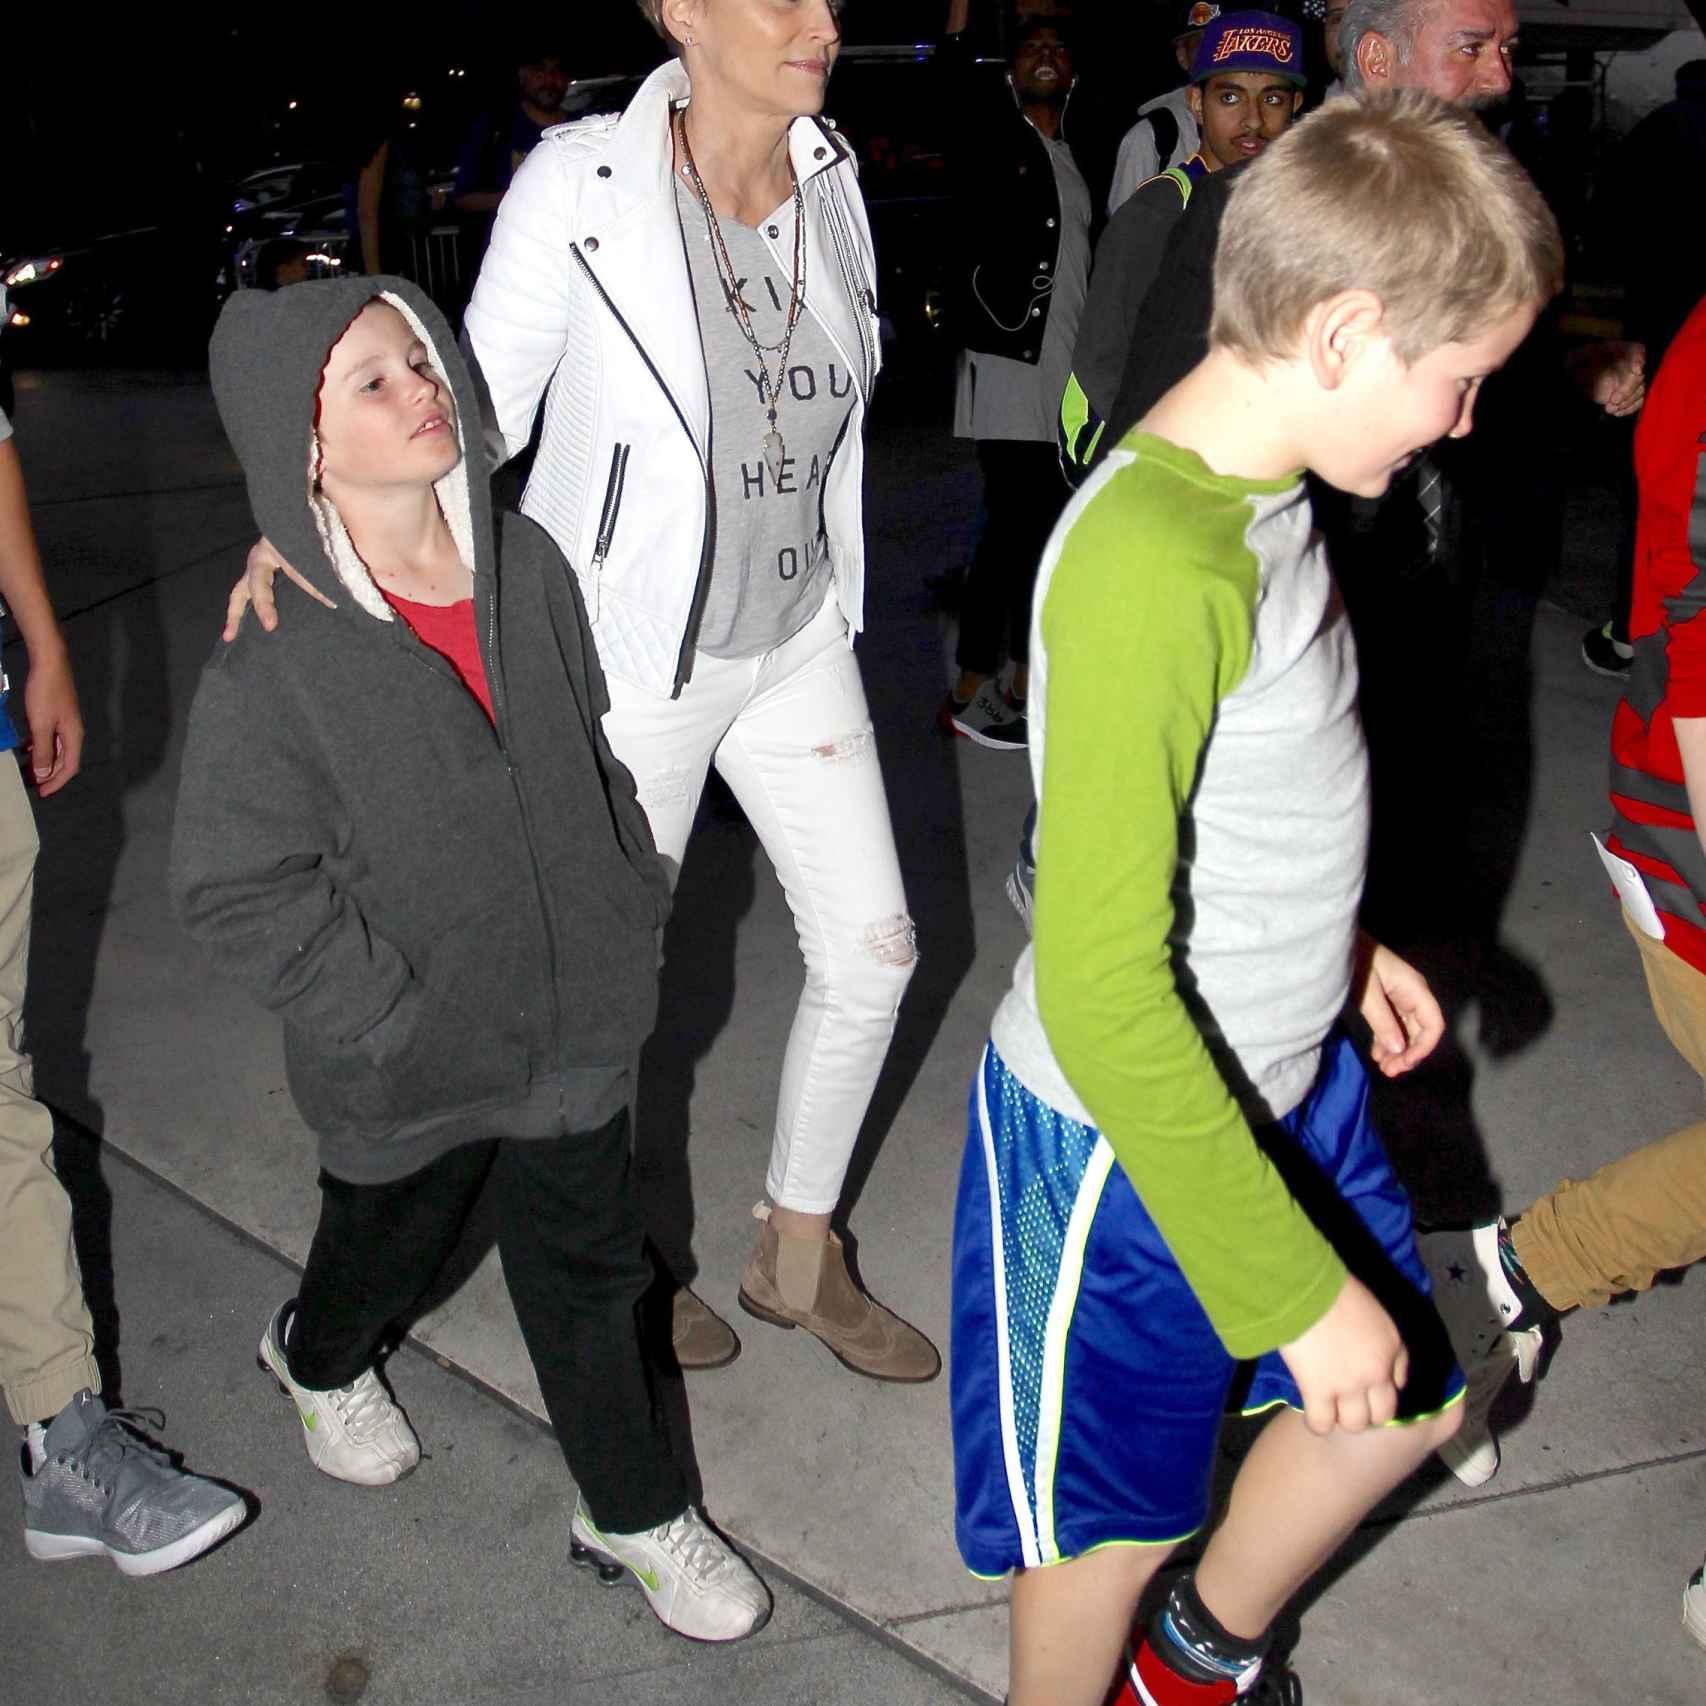 Sharon con sus hijos Quinn y Laird Stone